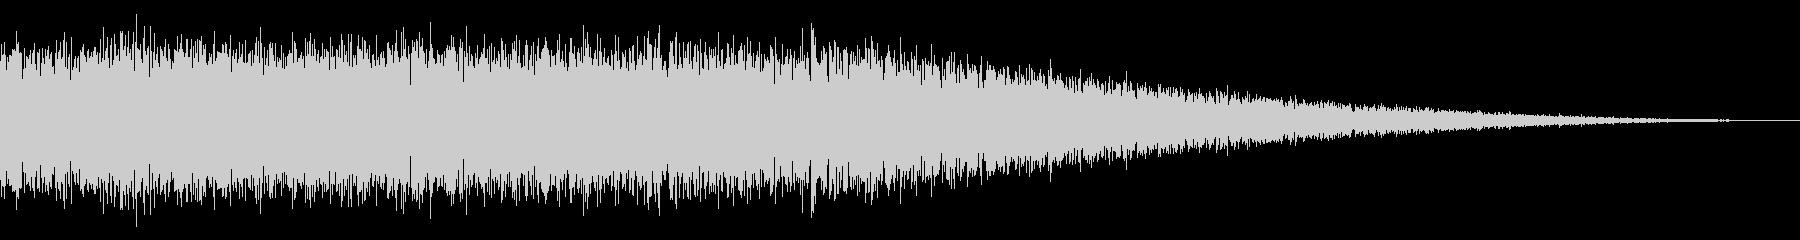 戦車の走行音/キャタピラの効果音 09の未再生の波形